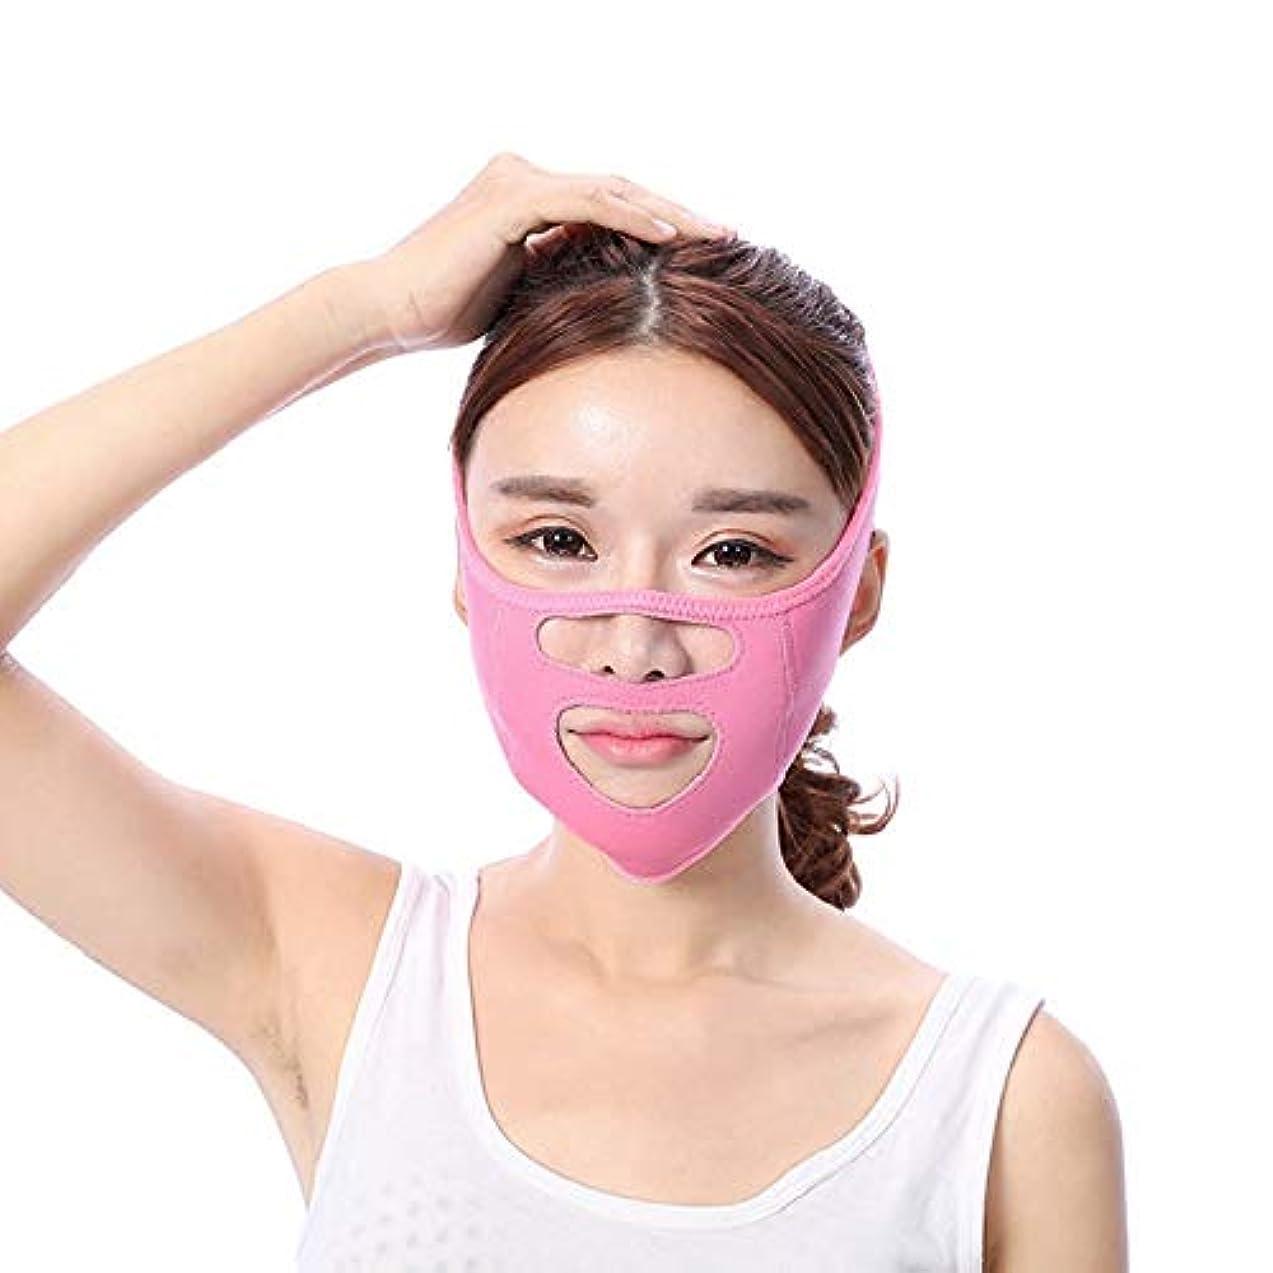 持ってるレインコート泥沼フェイスリフトベルトフェイスバンデージ美容機器リフティングファインディングダブルチン法令Vマスク睡眠マスク通気性 美しさ